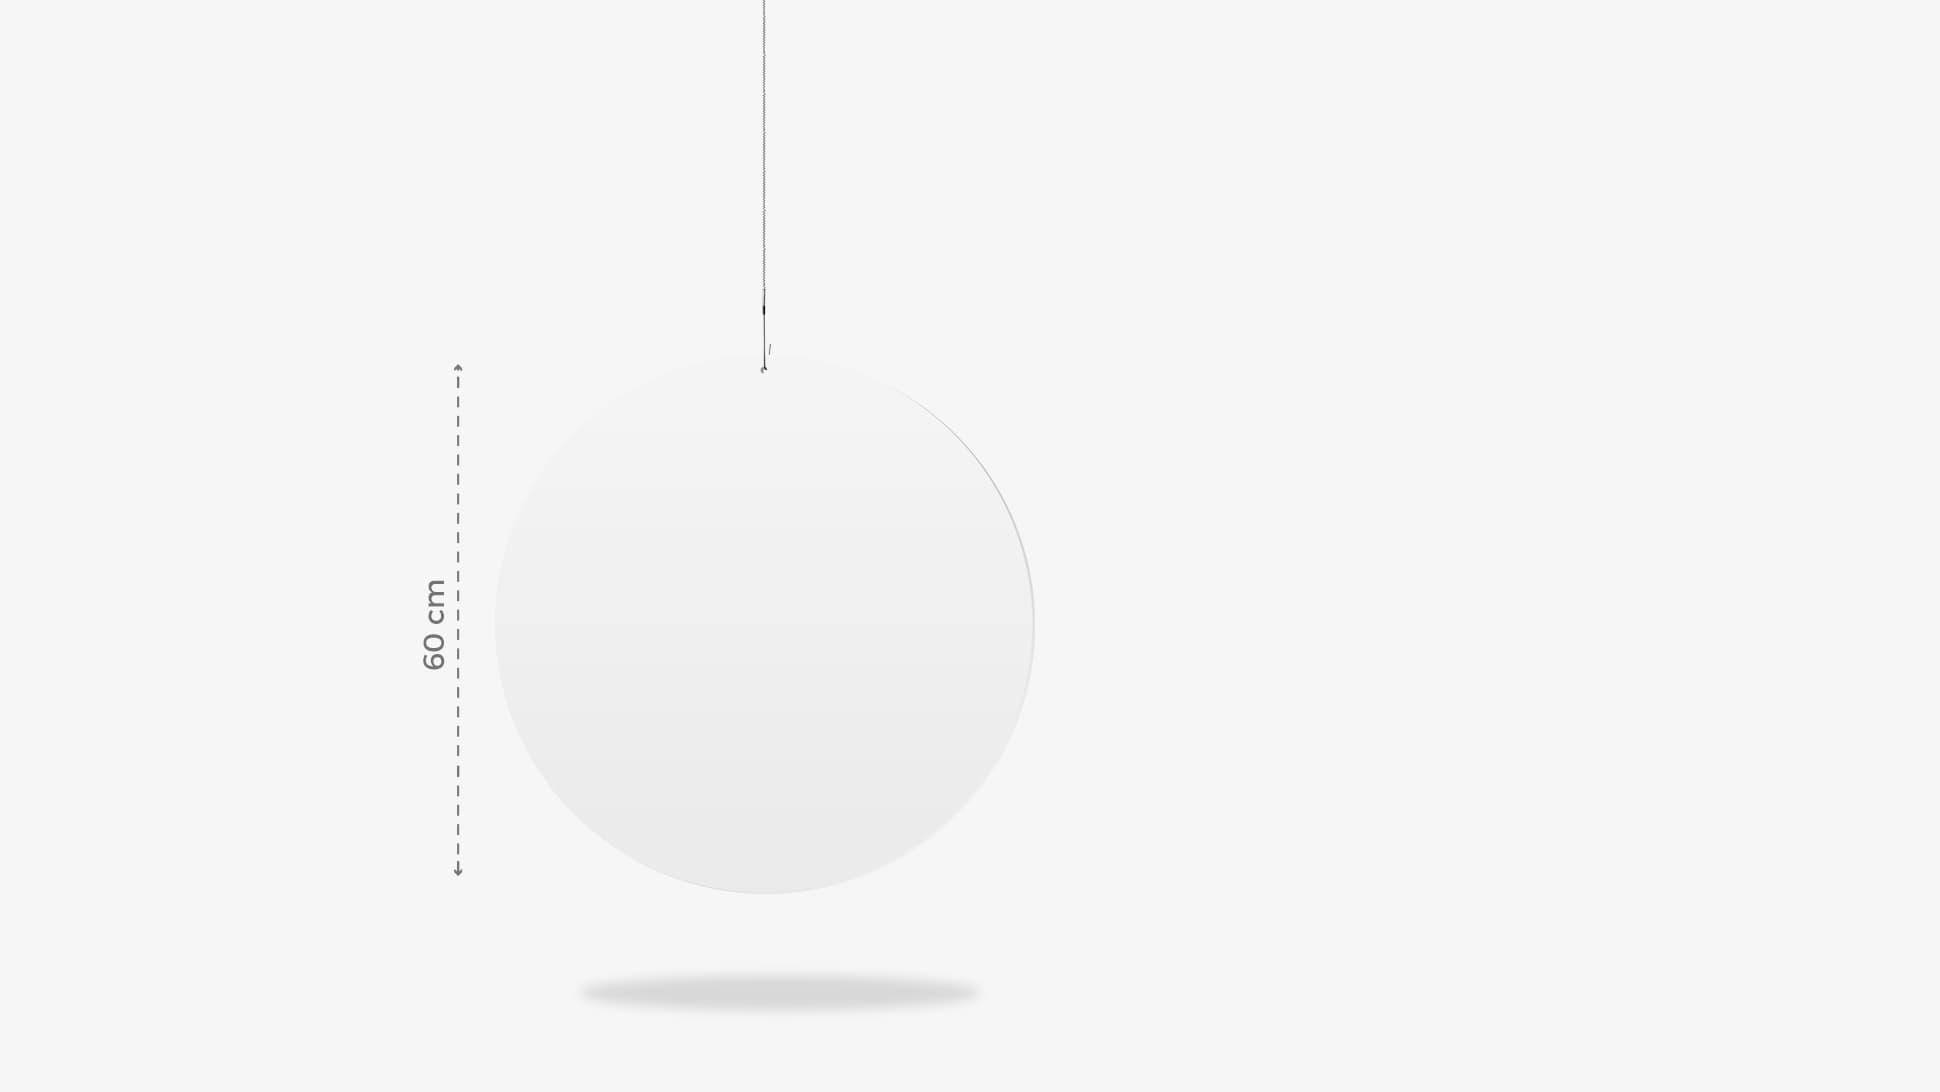 Rotair grande con grafica personalizzata | tictac.it